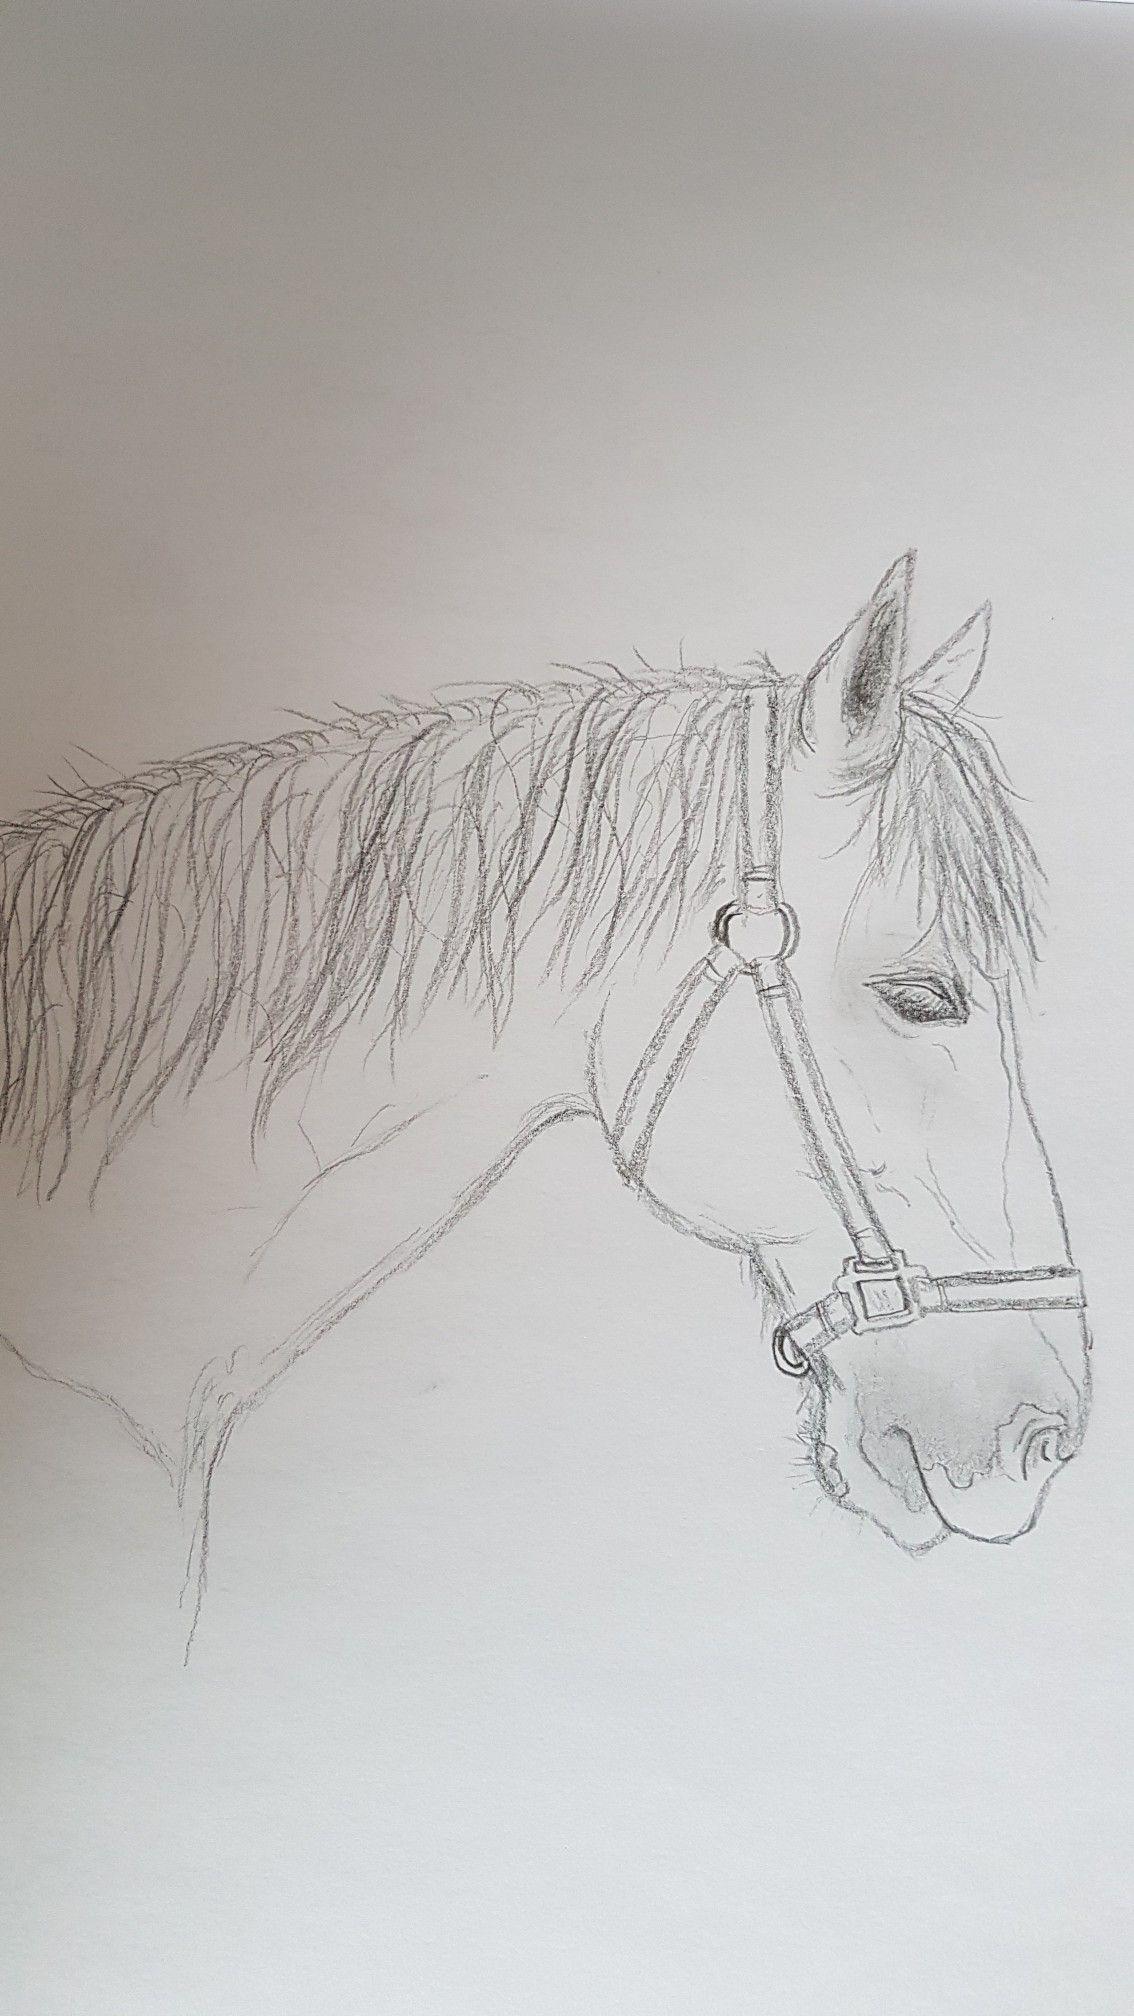 Paard Halster Potlood Tekening Zijaanzicht Manen Bles Dieren Paard Tekeningen Paardentekening Paard Halsters